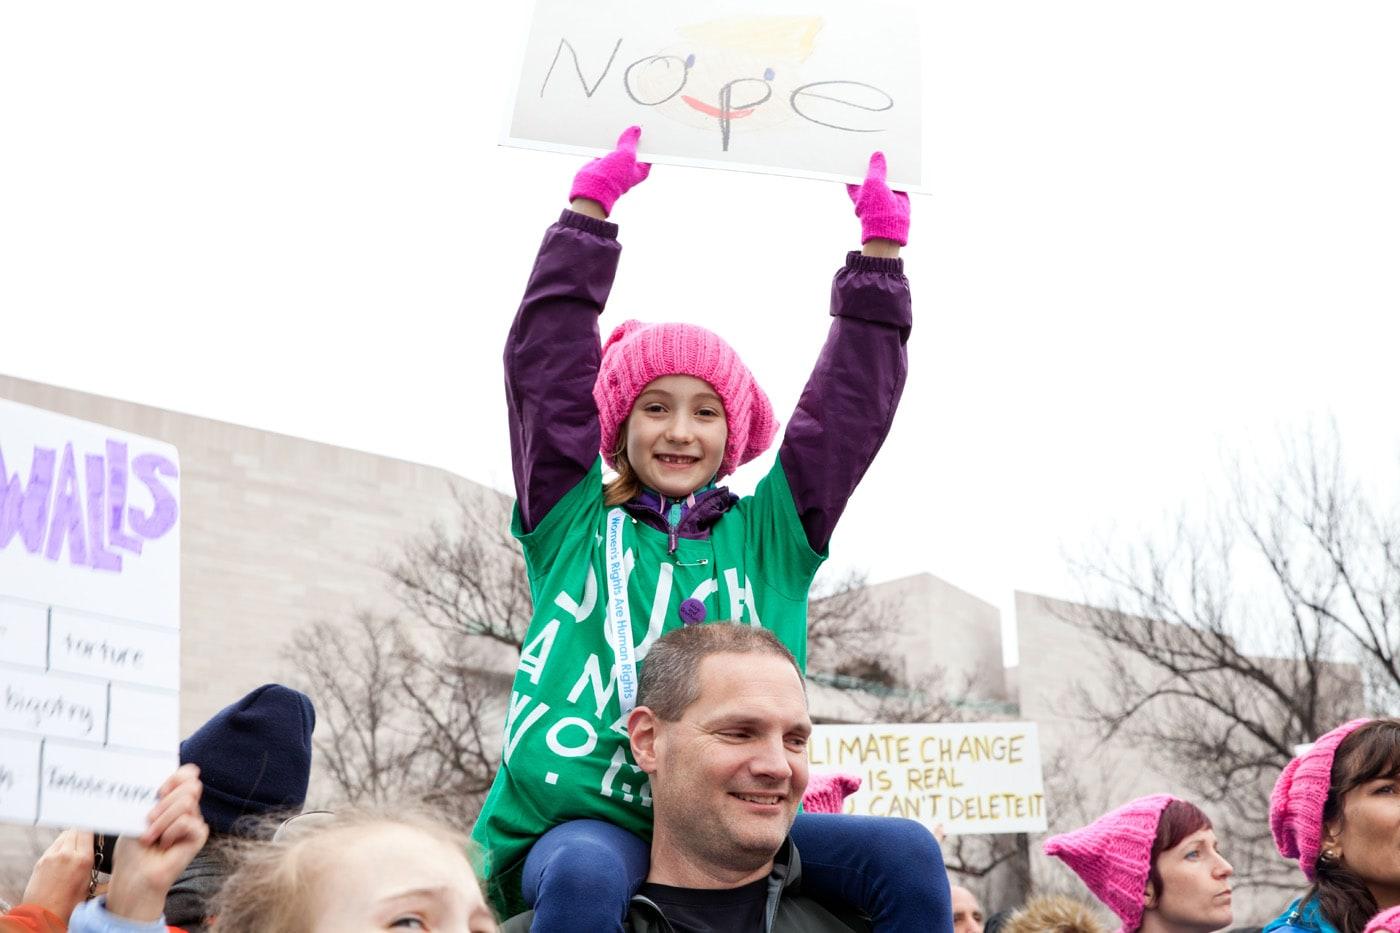 BS_women_march_12117_033-min.jpg